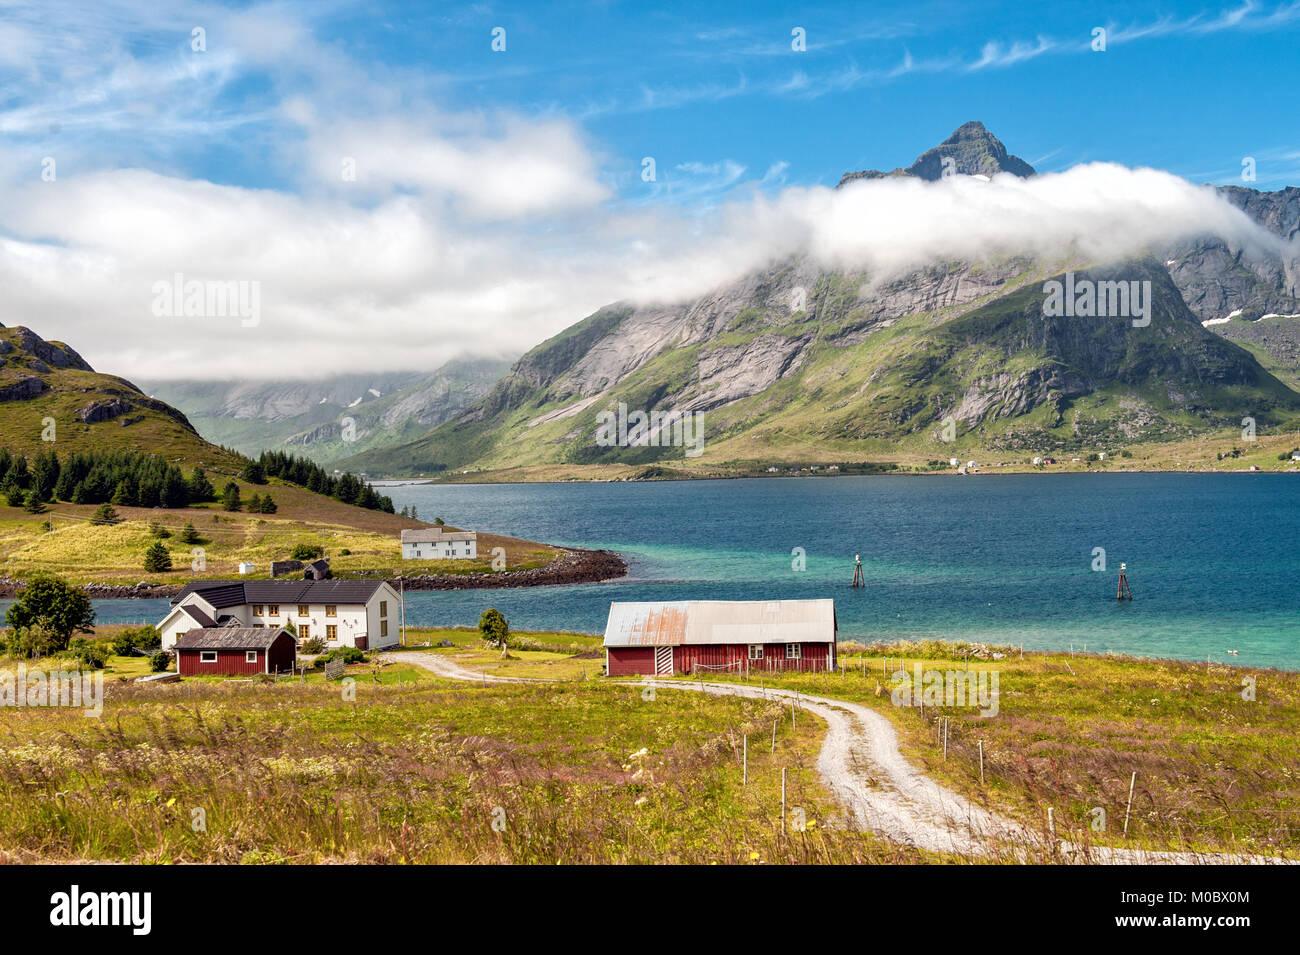 Traditionelle landwirtschaftliche Gebäude in Küste Landschaft auf Lofoten in Nordnorwegen. Lofoten ist Stockbild